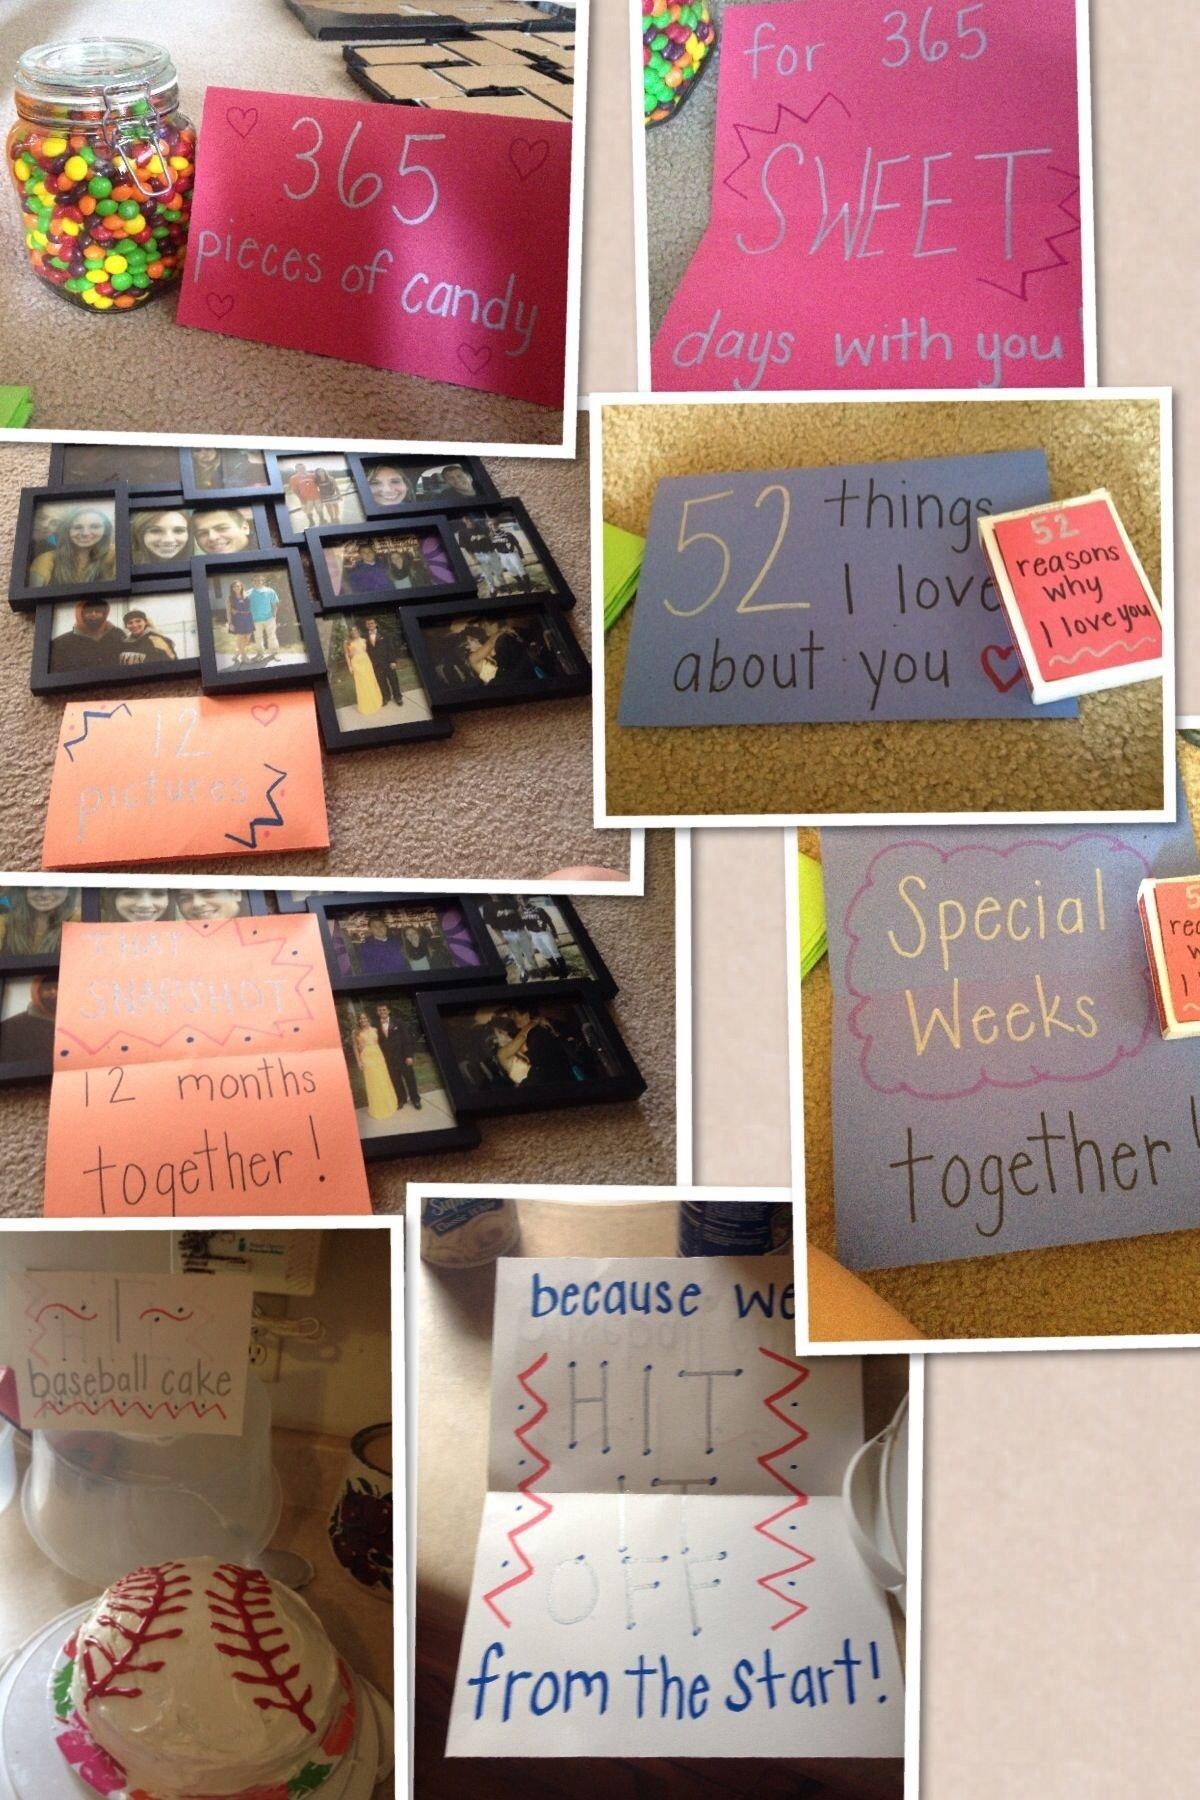 Cute anniversary ideas